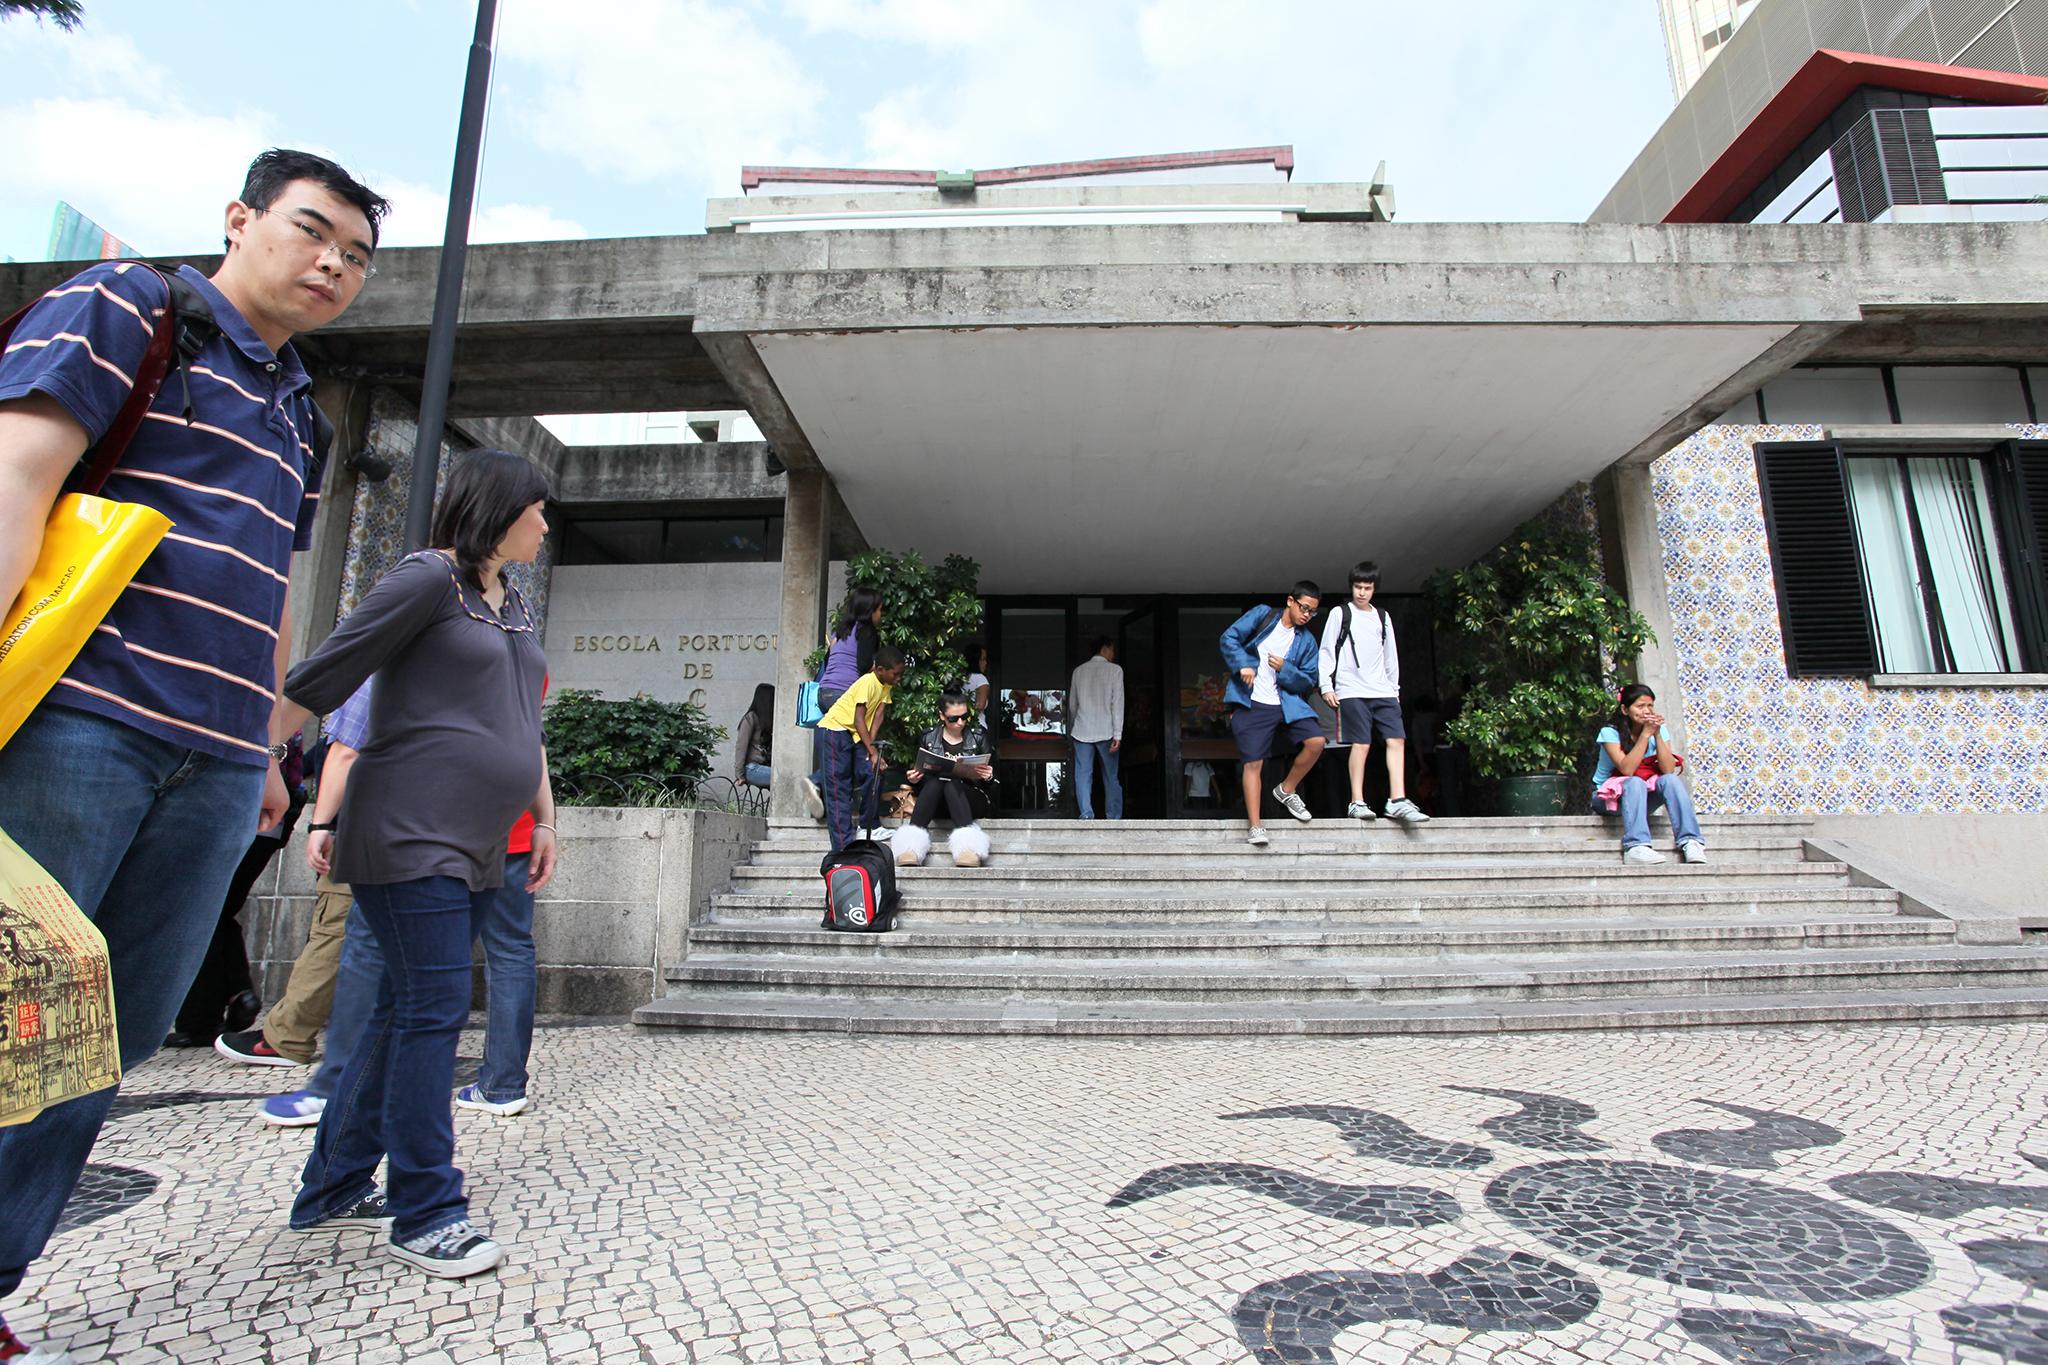 DSEJ confirma agressões promovidas por docente na Escola Portuguesa